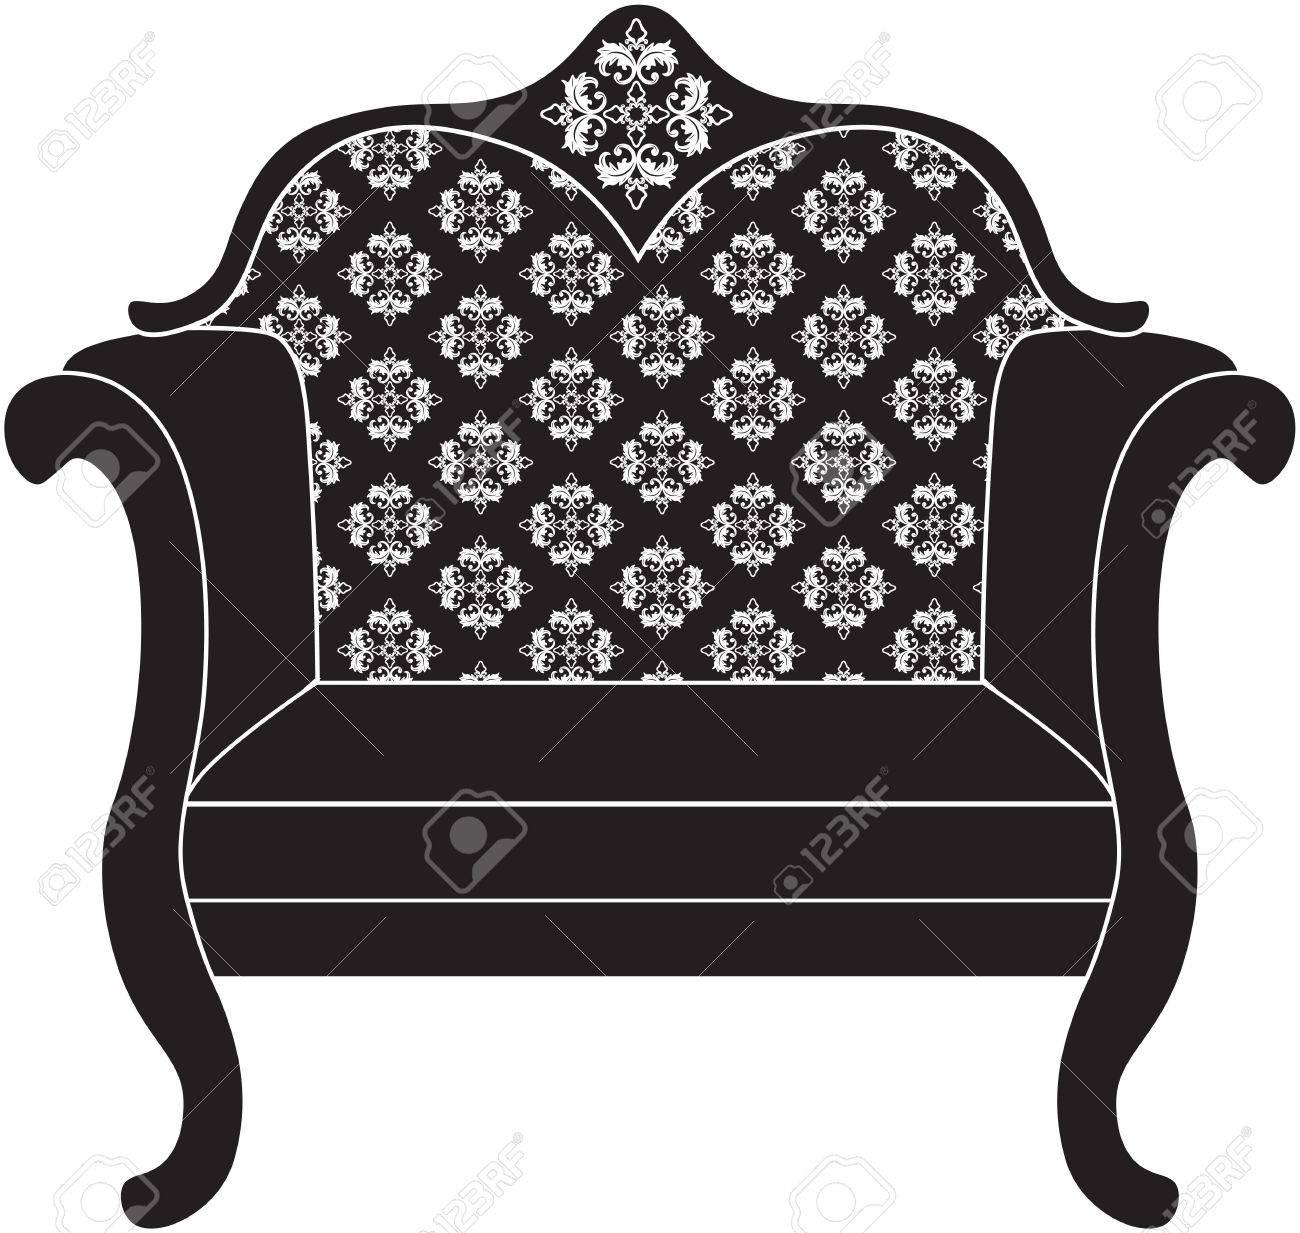 Barock Luxus Stil Sessel Möbel. Thron Mit Luxuriösen Reichen Verzierungen.  Französisch Luxus Reich